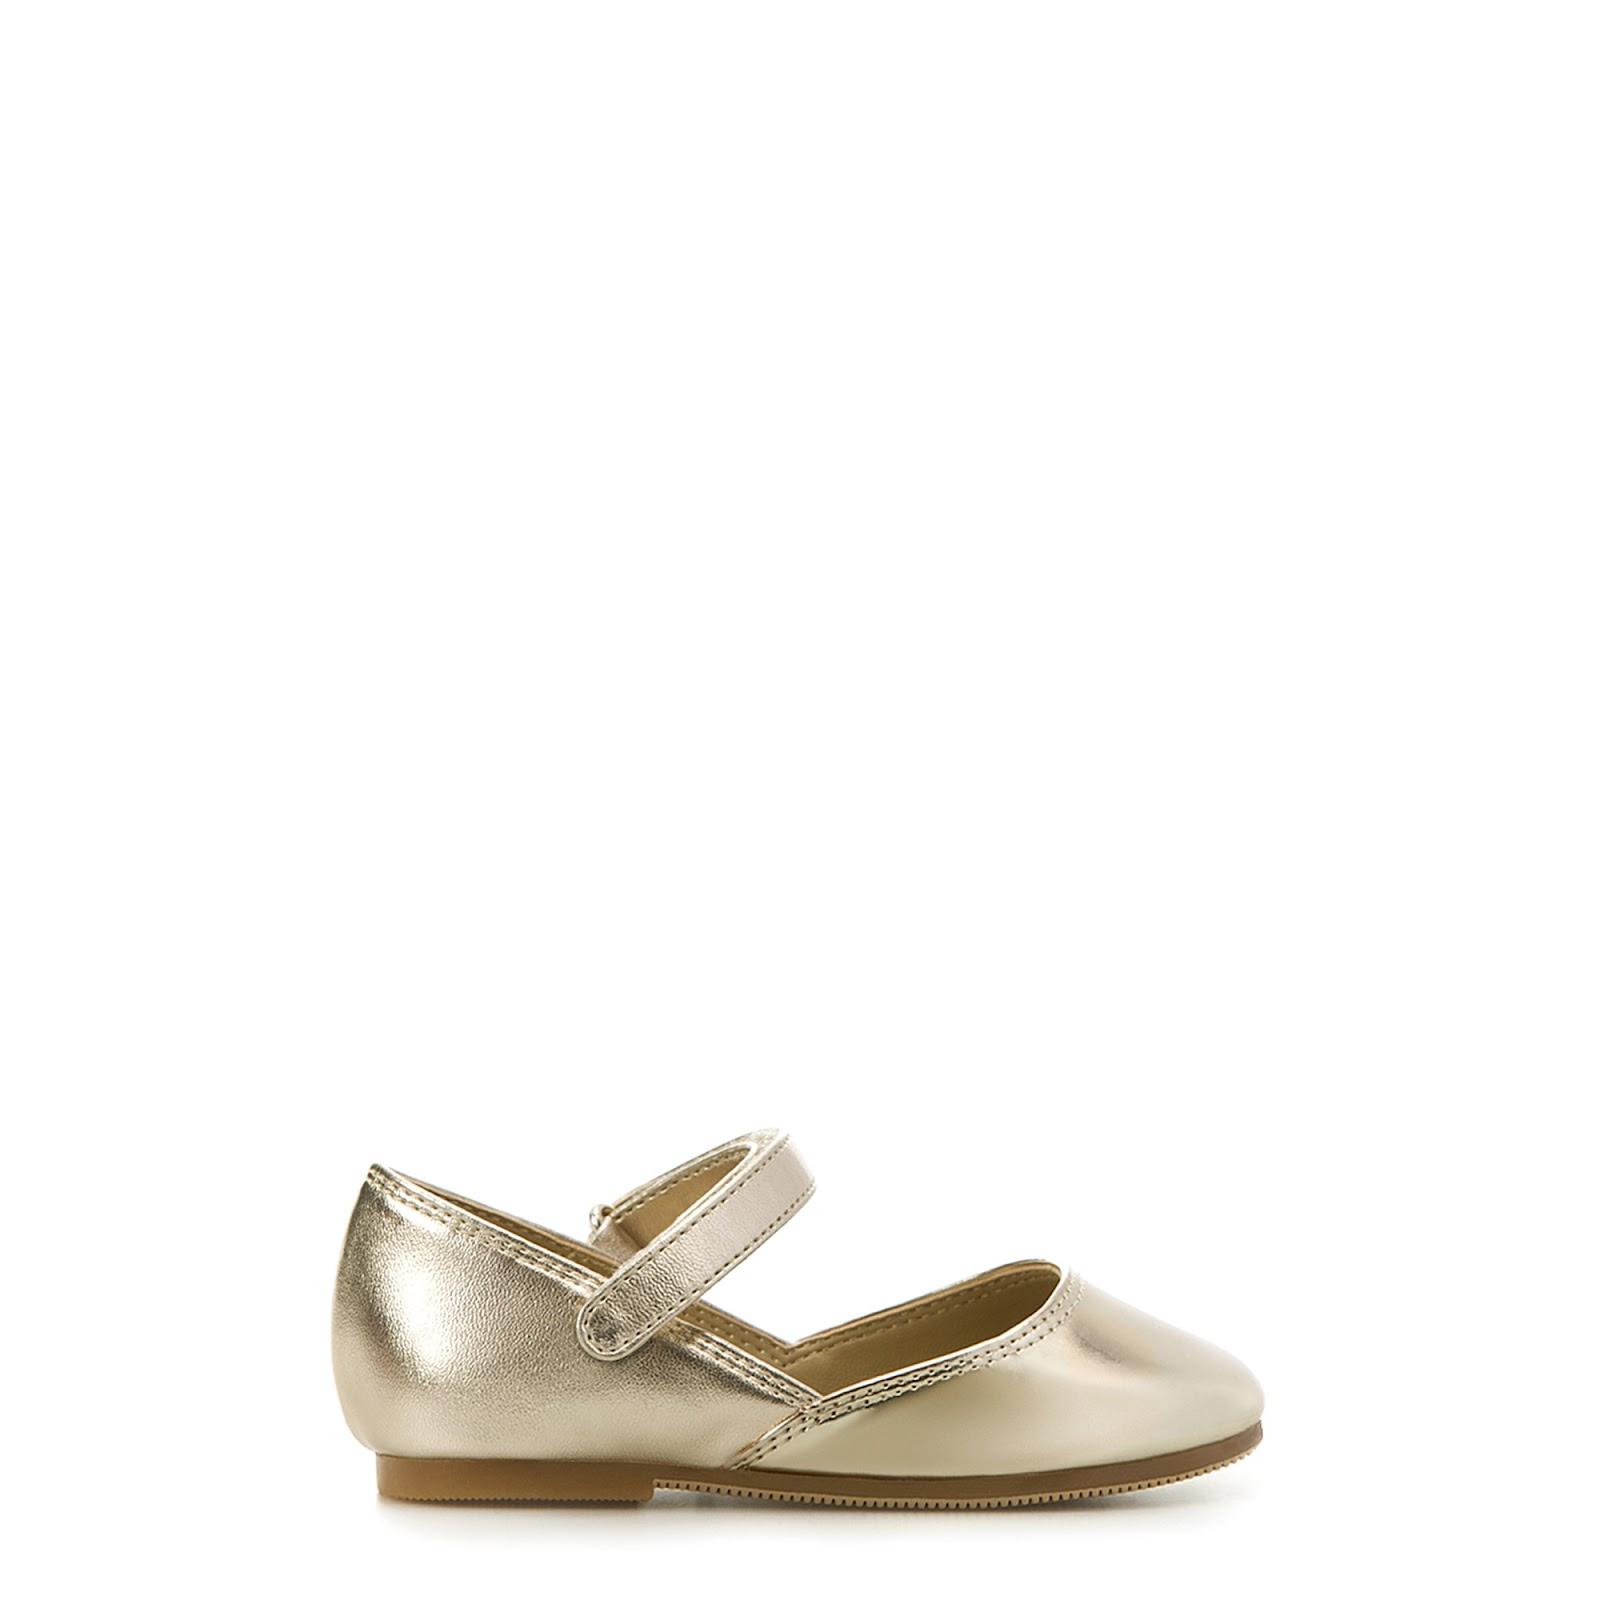 Zara Kids Girls Shoes